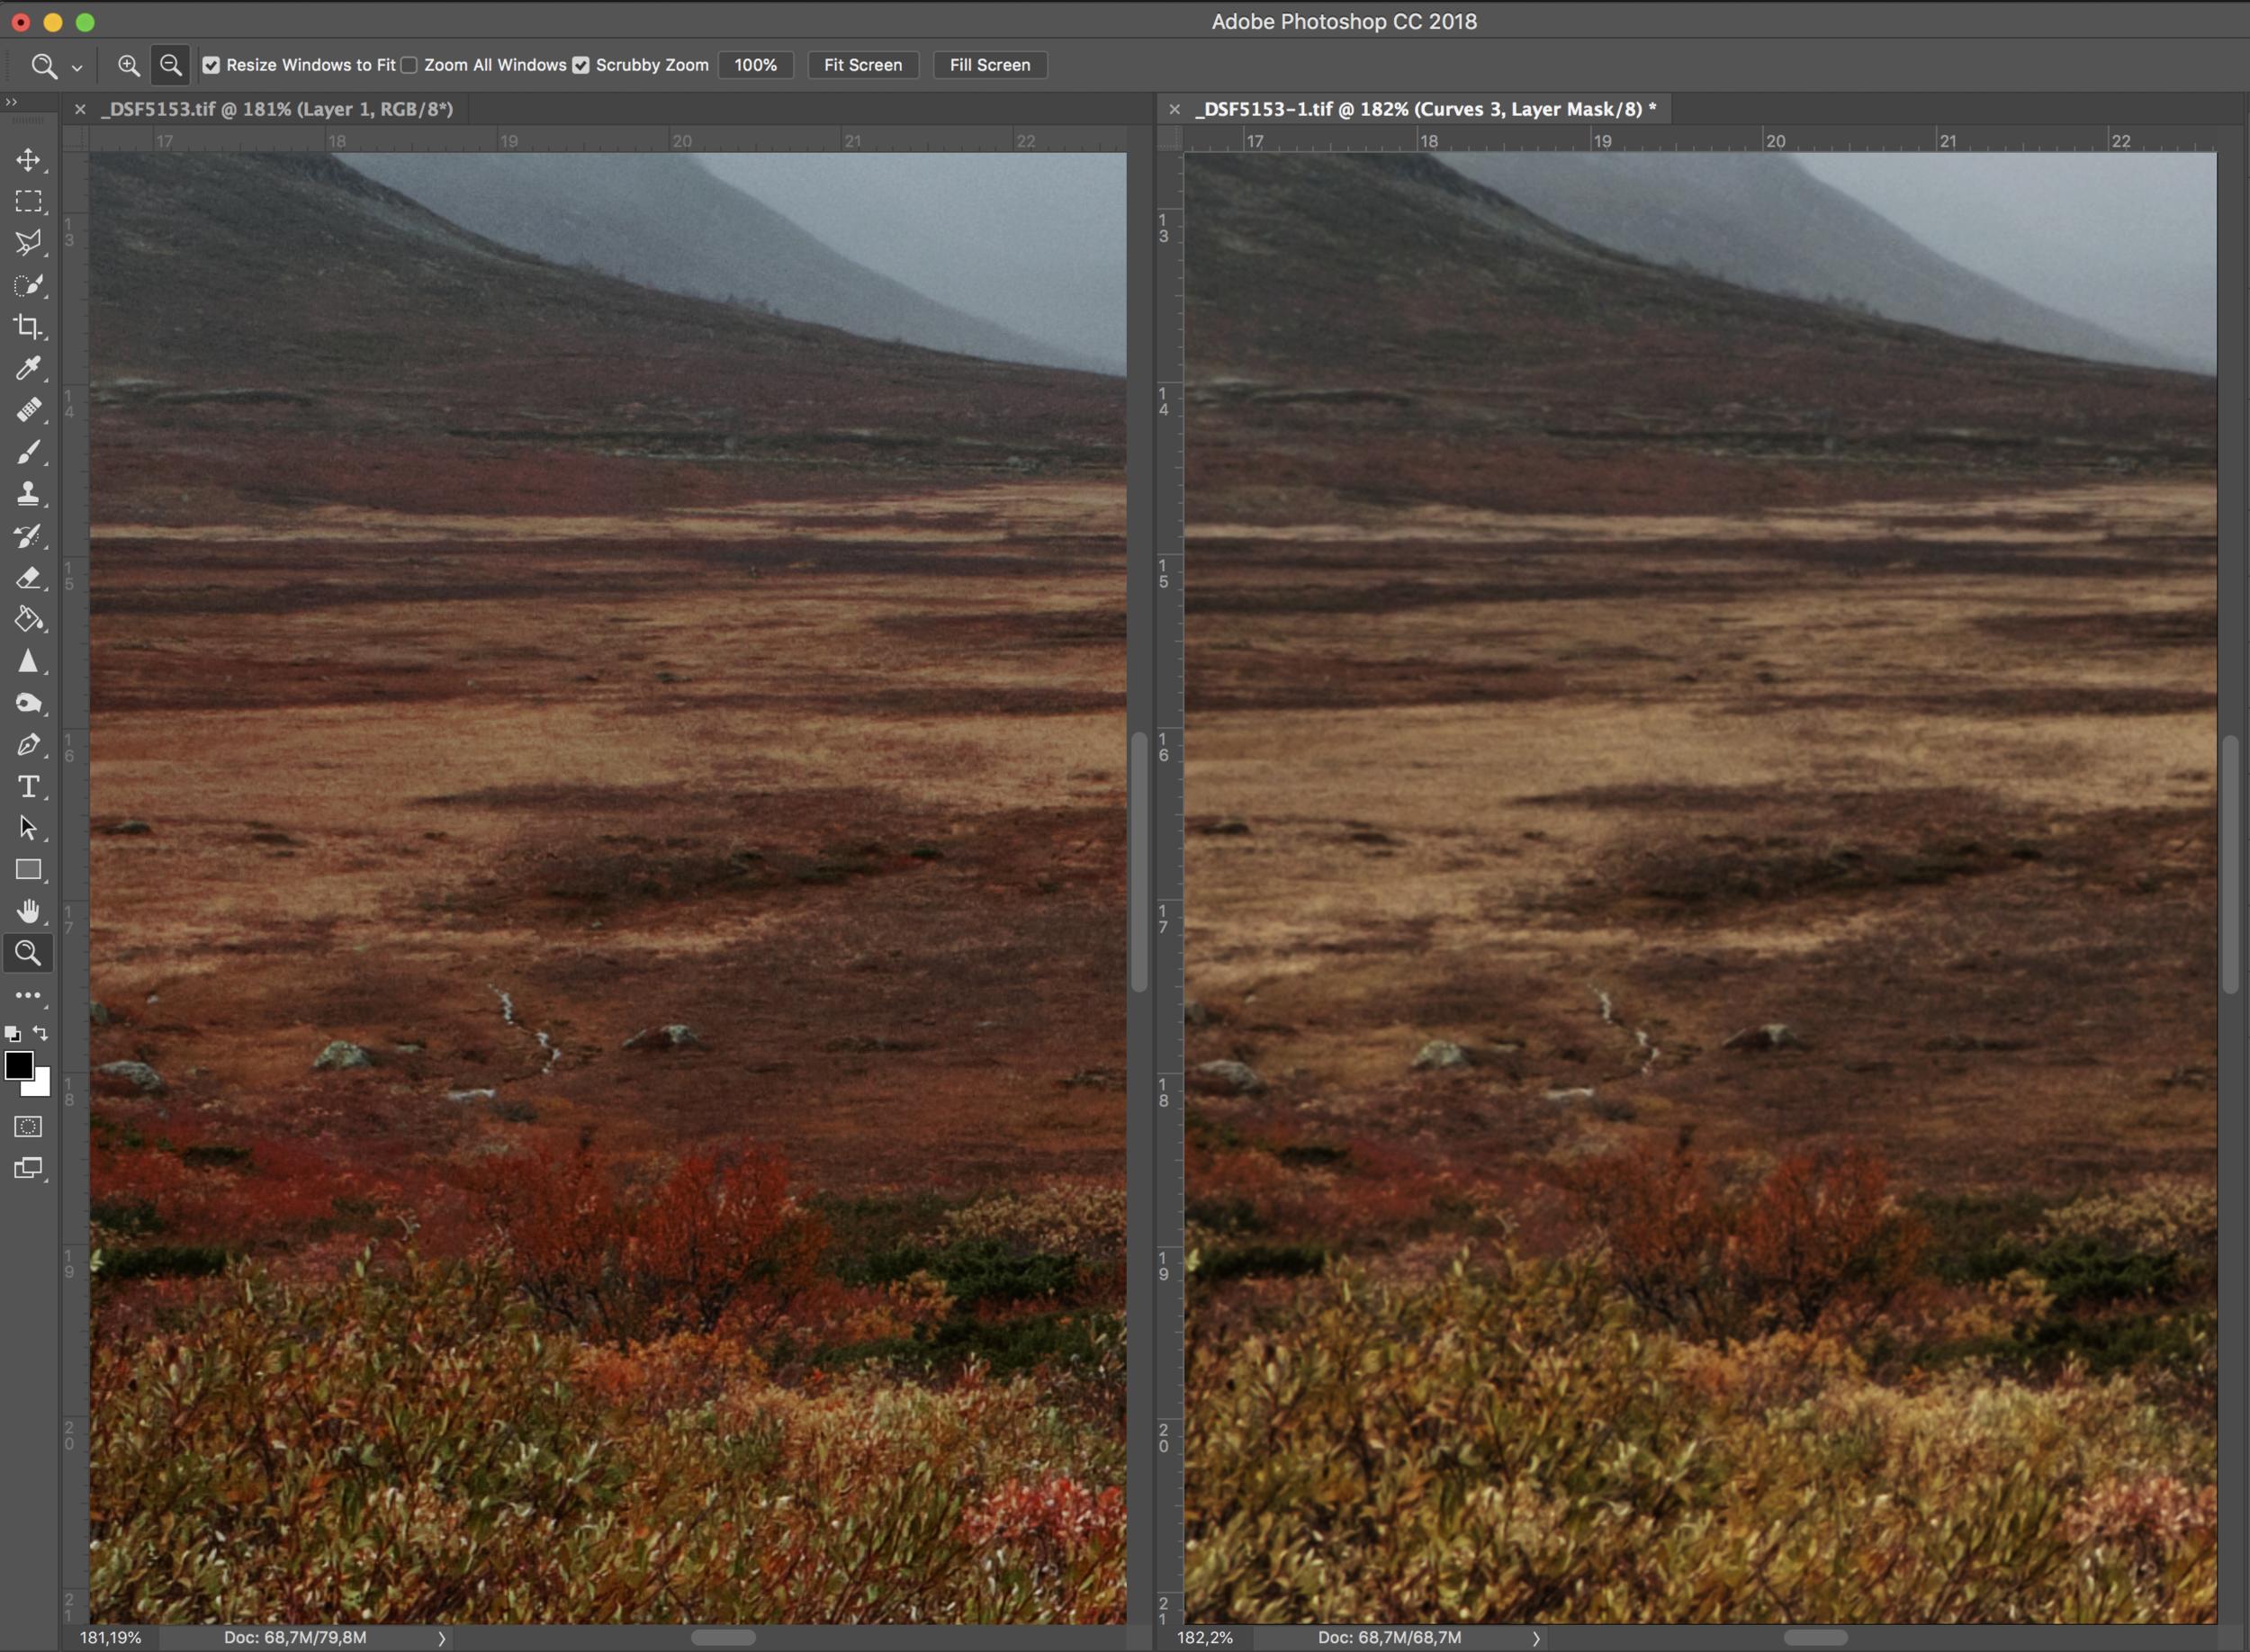 Left - Capture One RAW Mer dybde, skarpere og bedre farger. - Right - Photoshop RAW Gromsete, mangler dybde og farger.